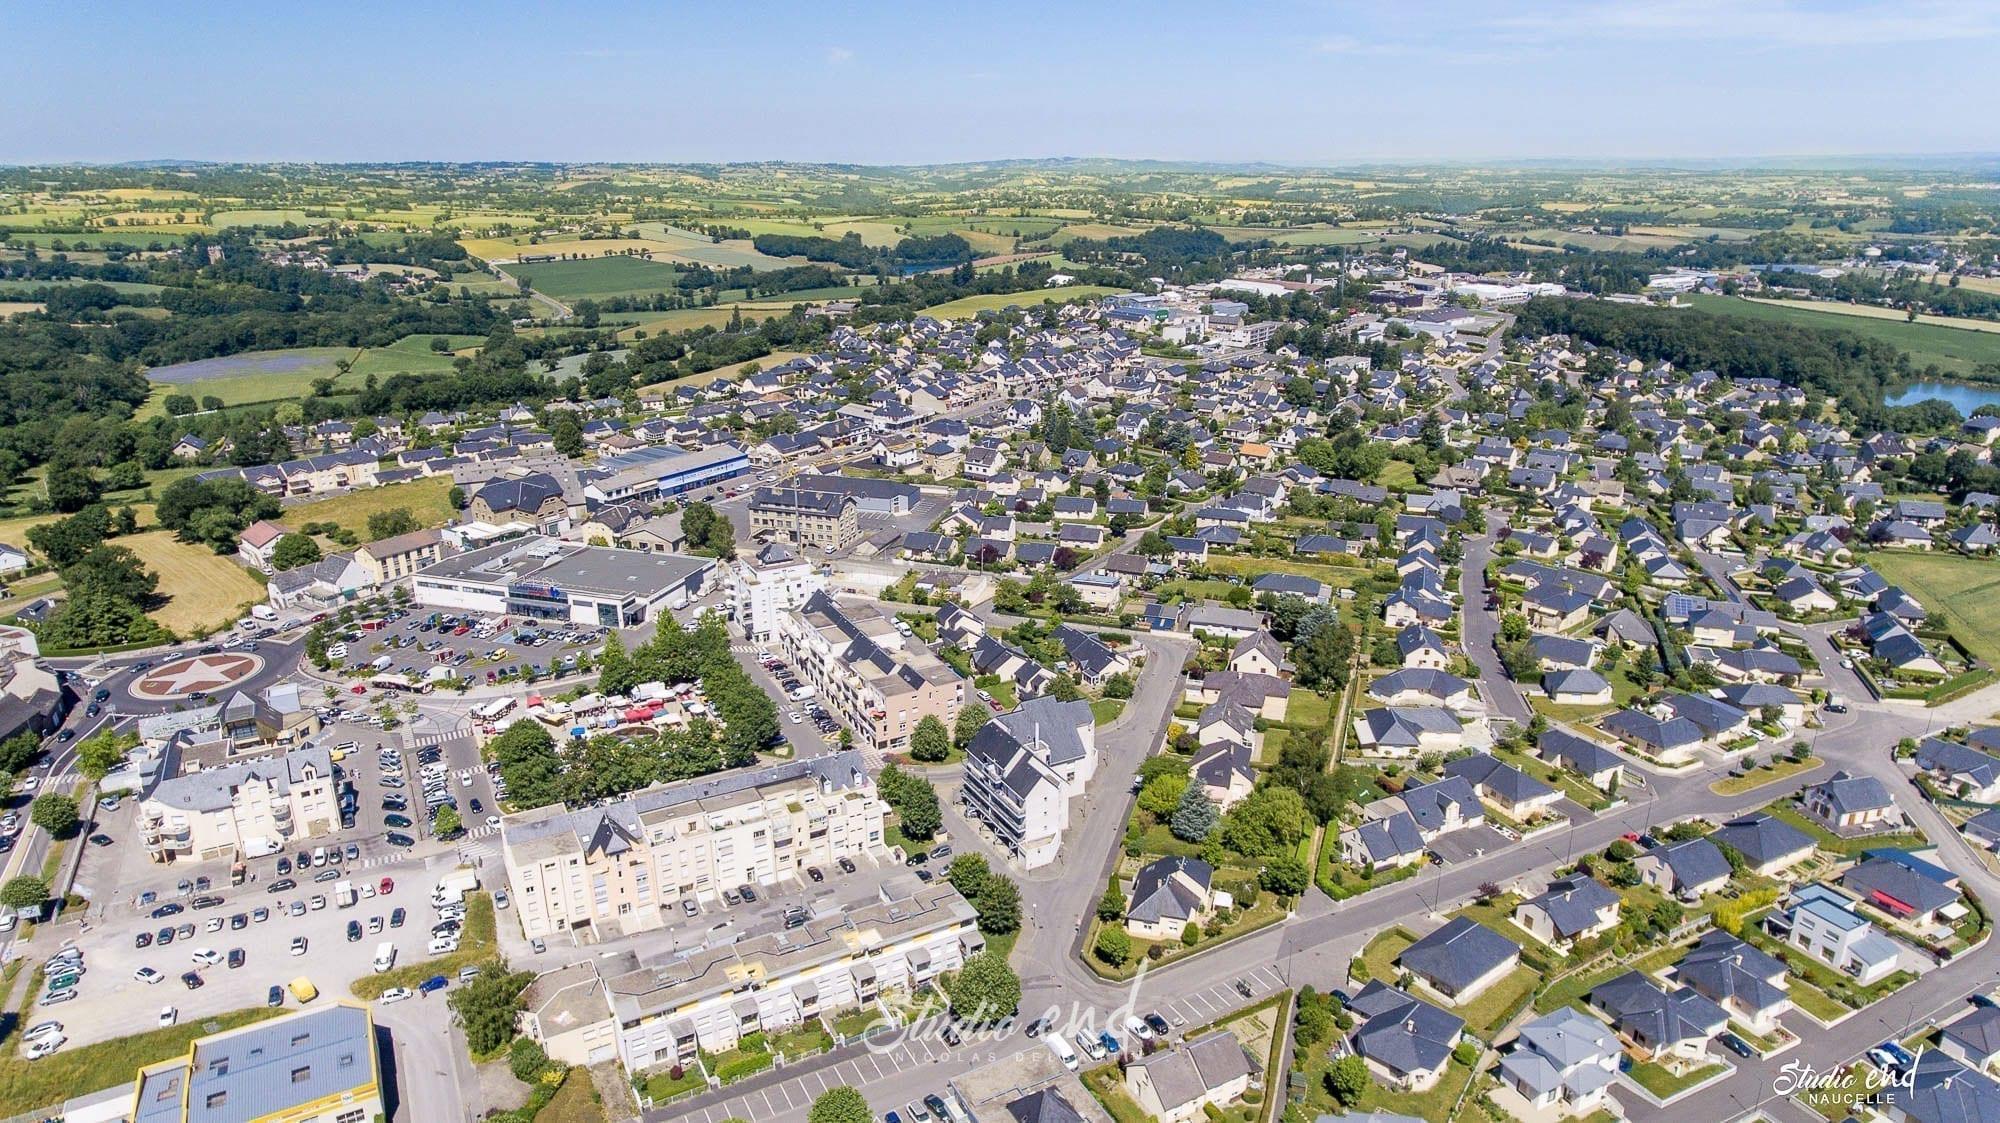 Photographie aérienne grace à un drone La Primaube Studio End